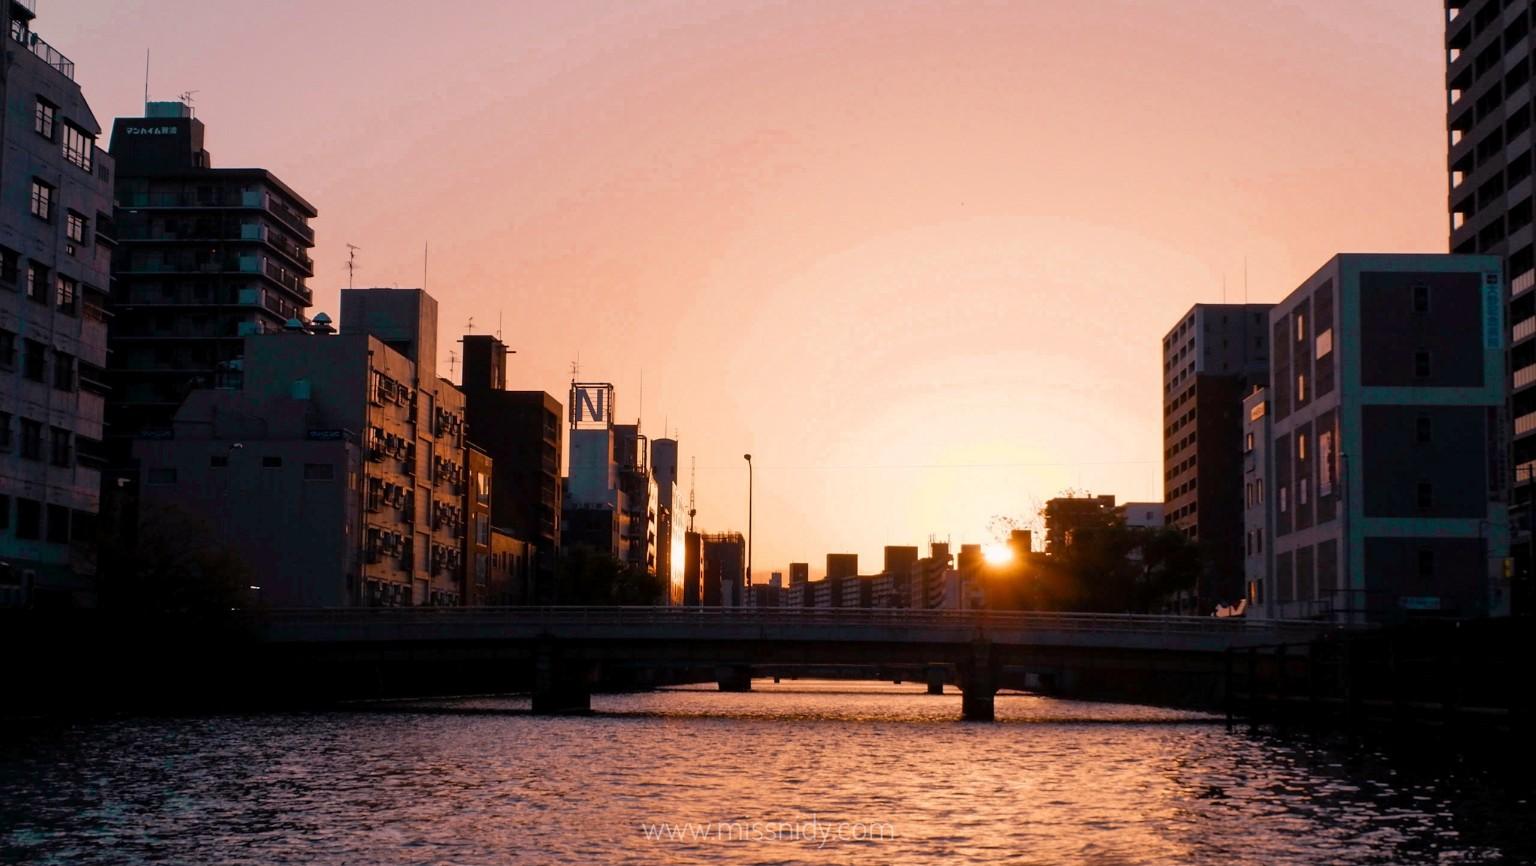 sunset spot in osaka